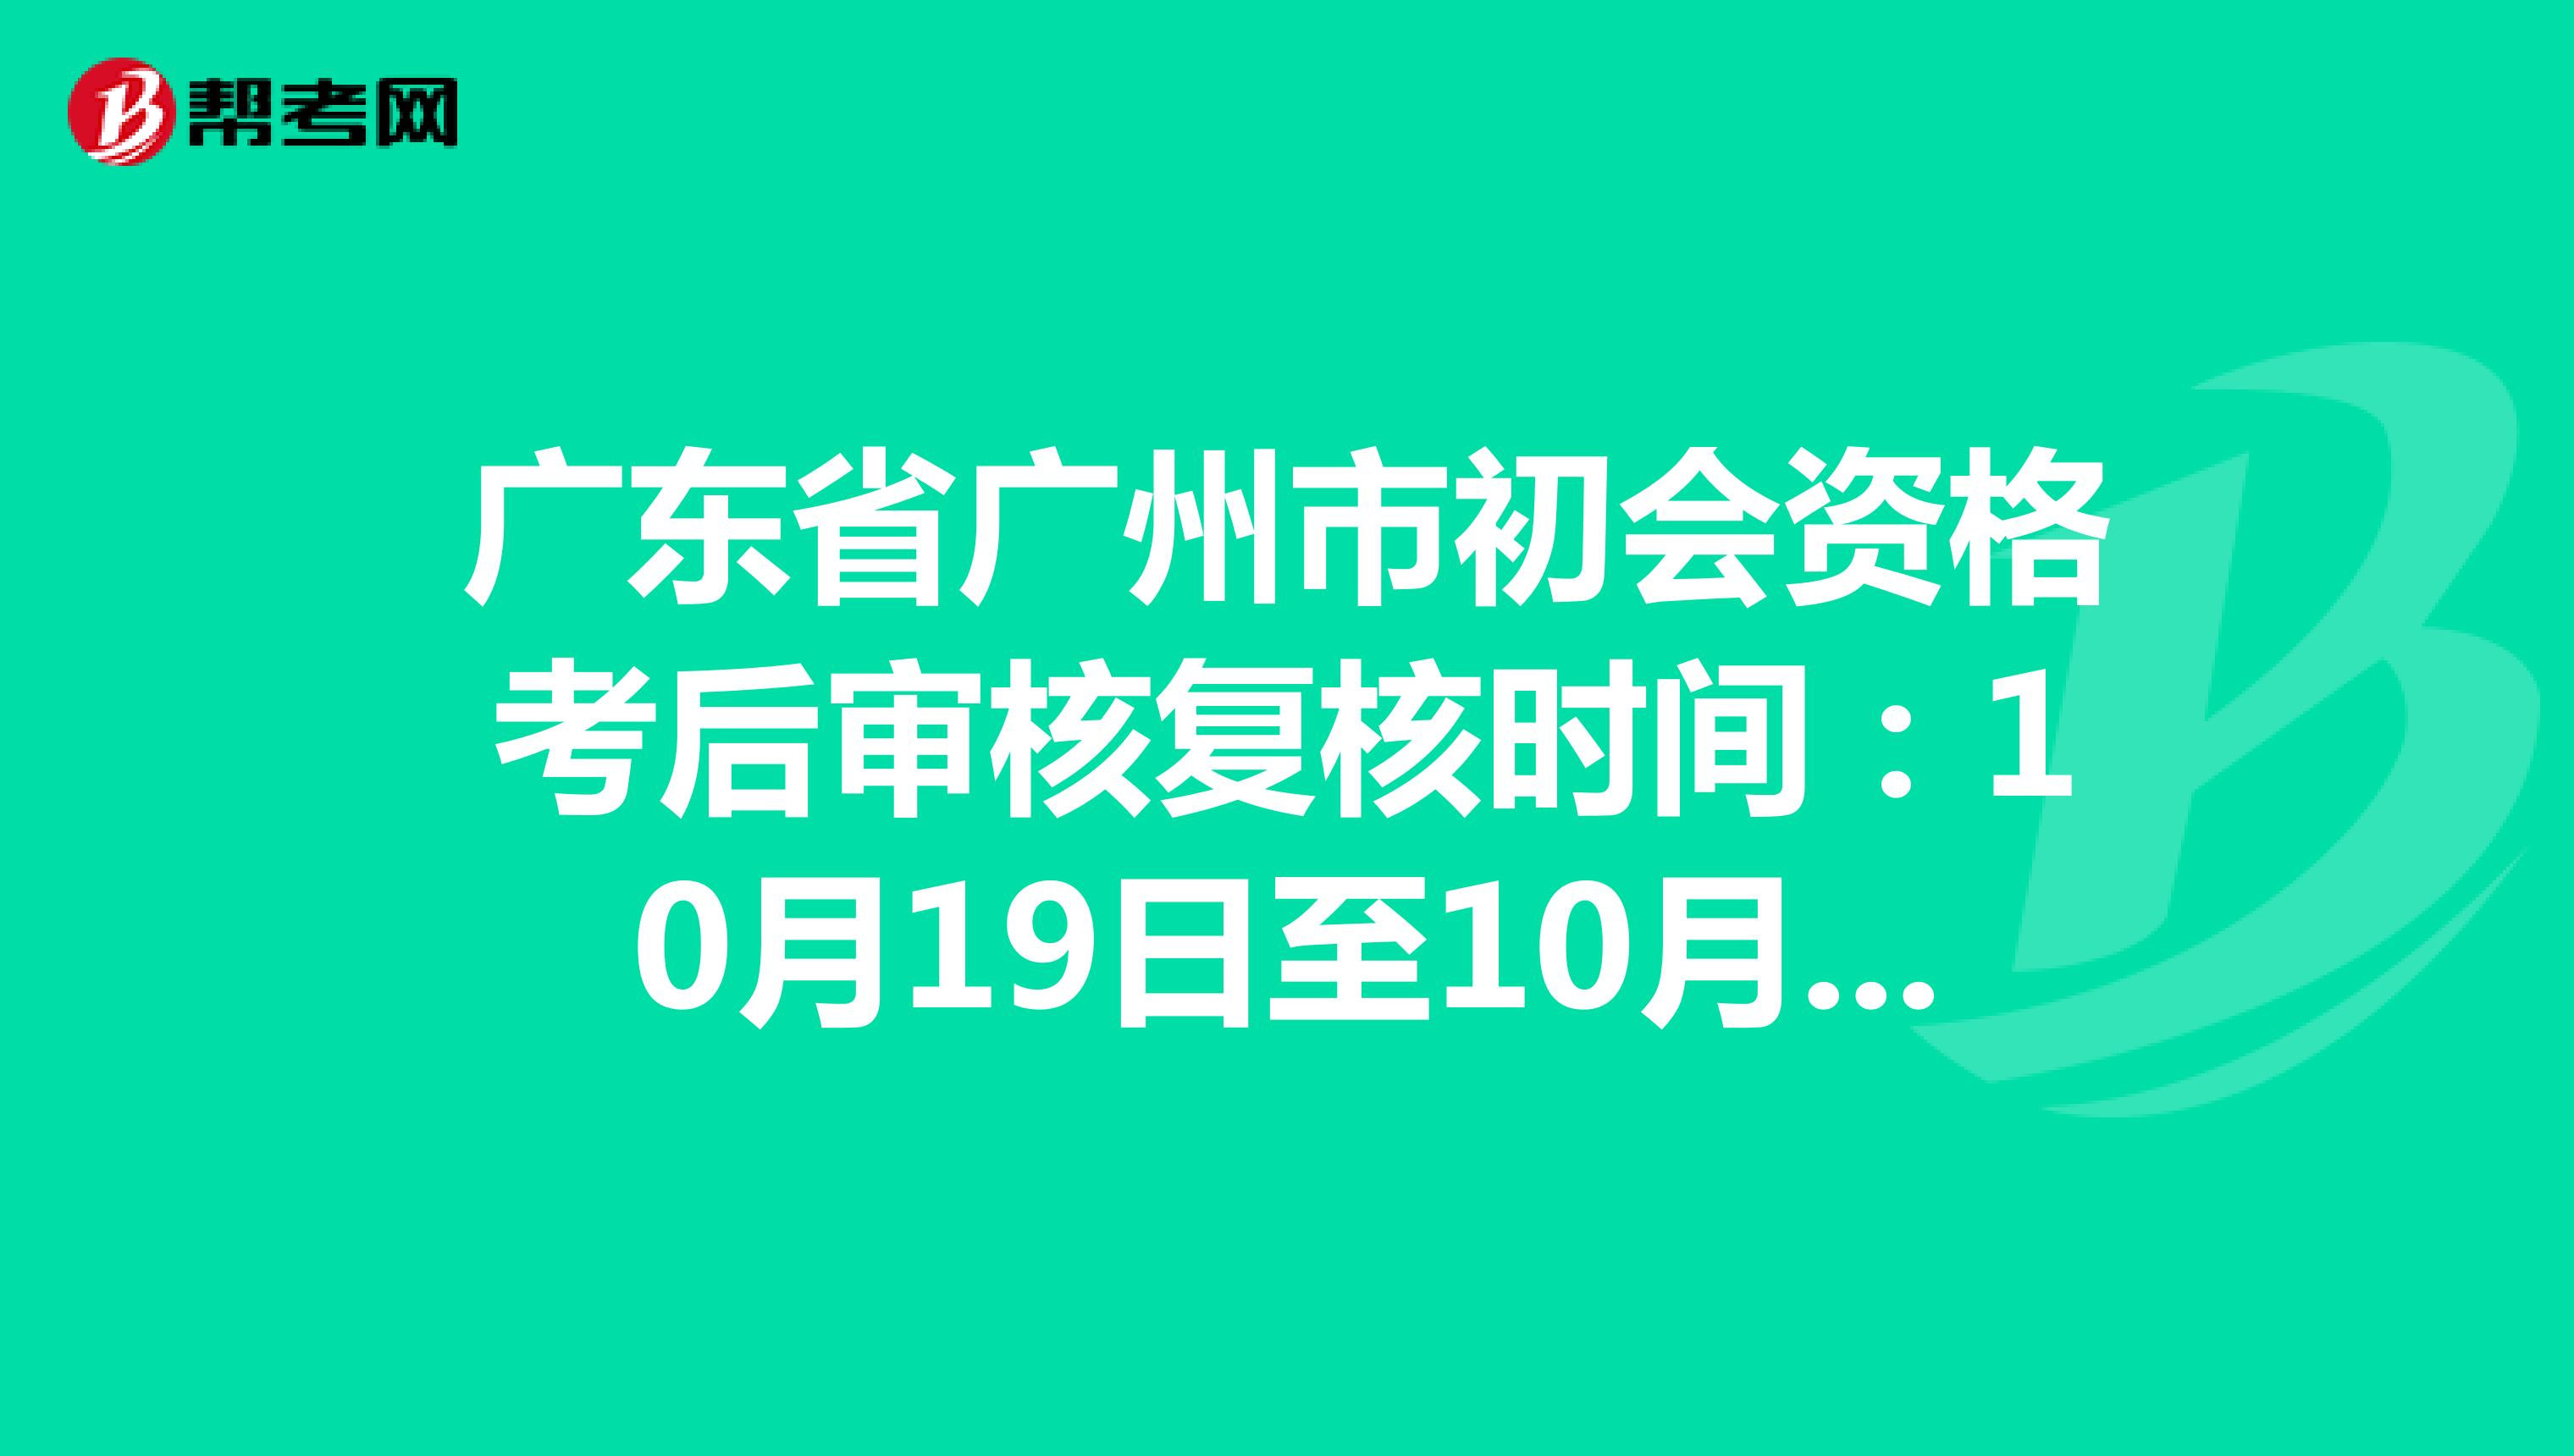 广东省广州市初会资格考后审核复核时间:10月19日至10月30日